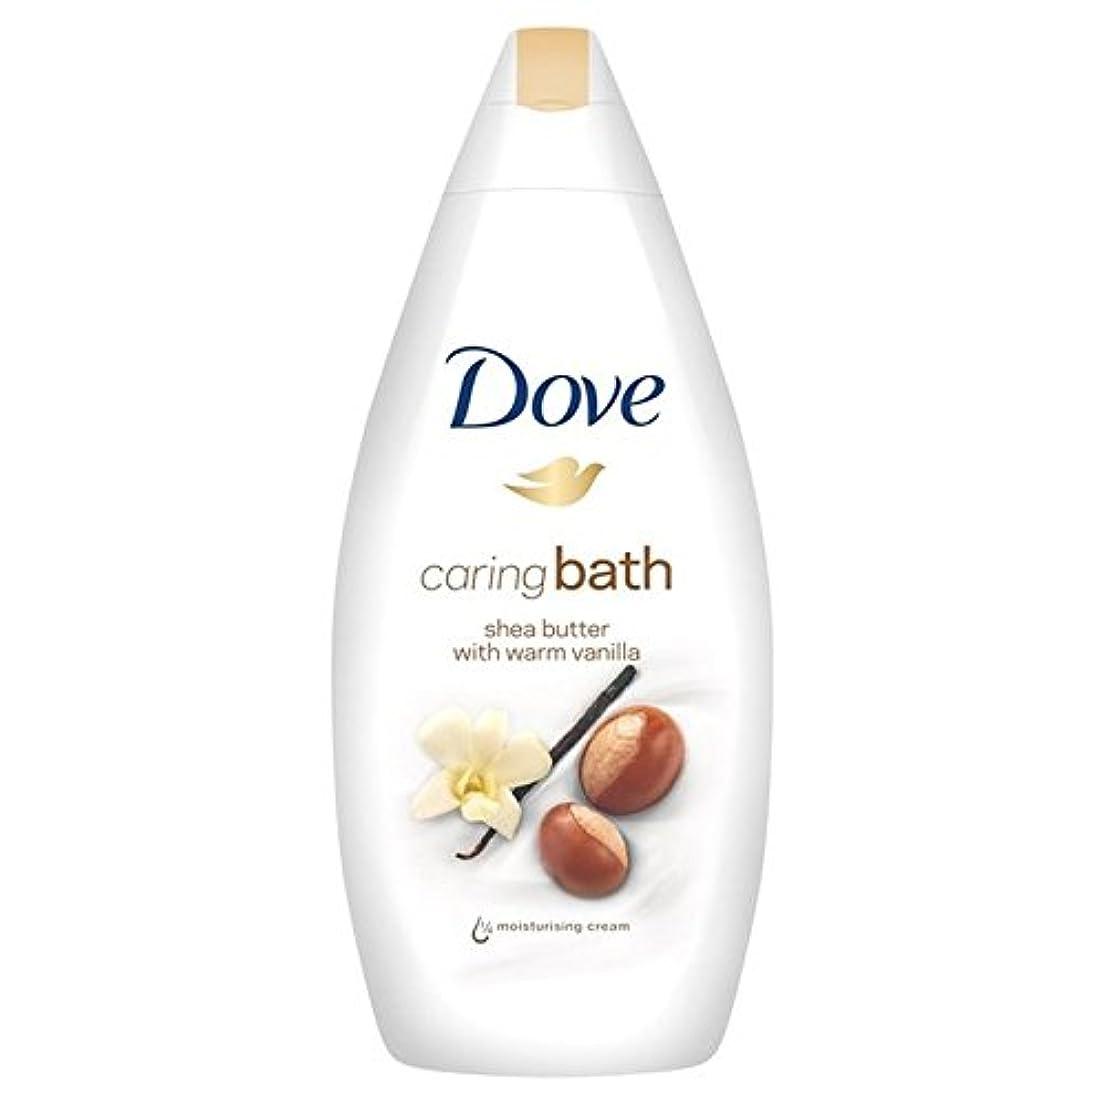 収縮靴設計図Dove Purely Pampering Shea Butter Caring Cream Bath 500ml - 鳩純粋な贅沢シアバター思いやりのあるクリームバス500ミリリットル [並行輸入品]